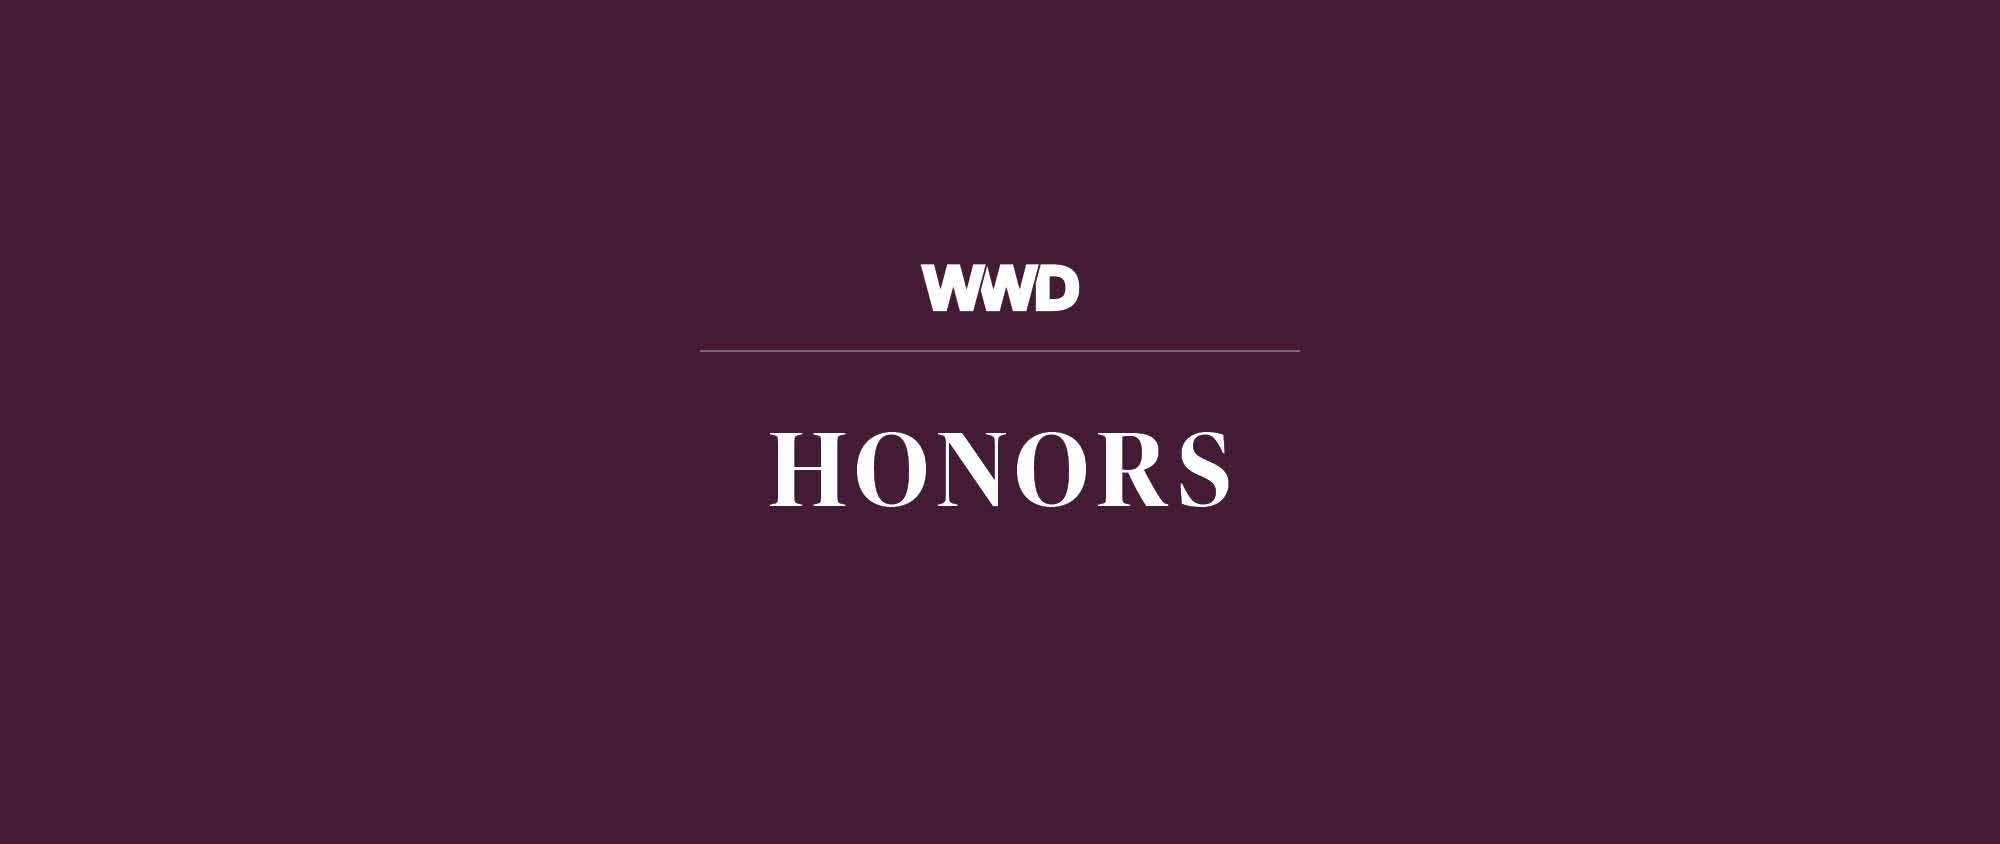 WWD_HONORS